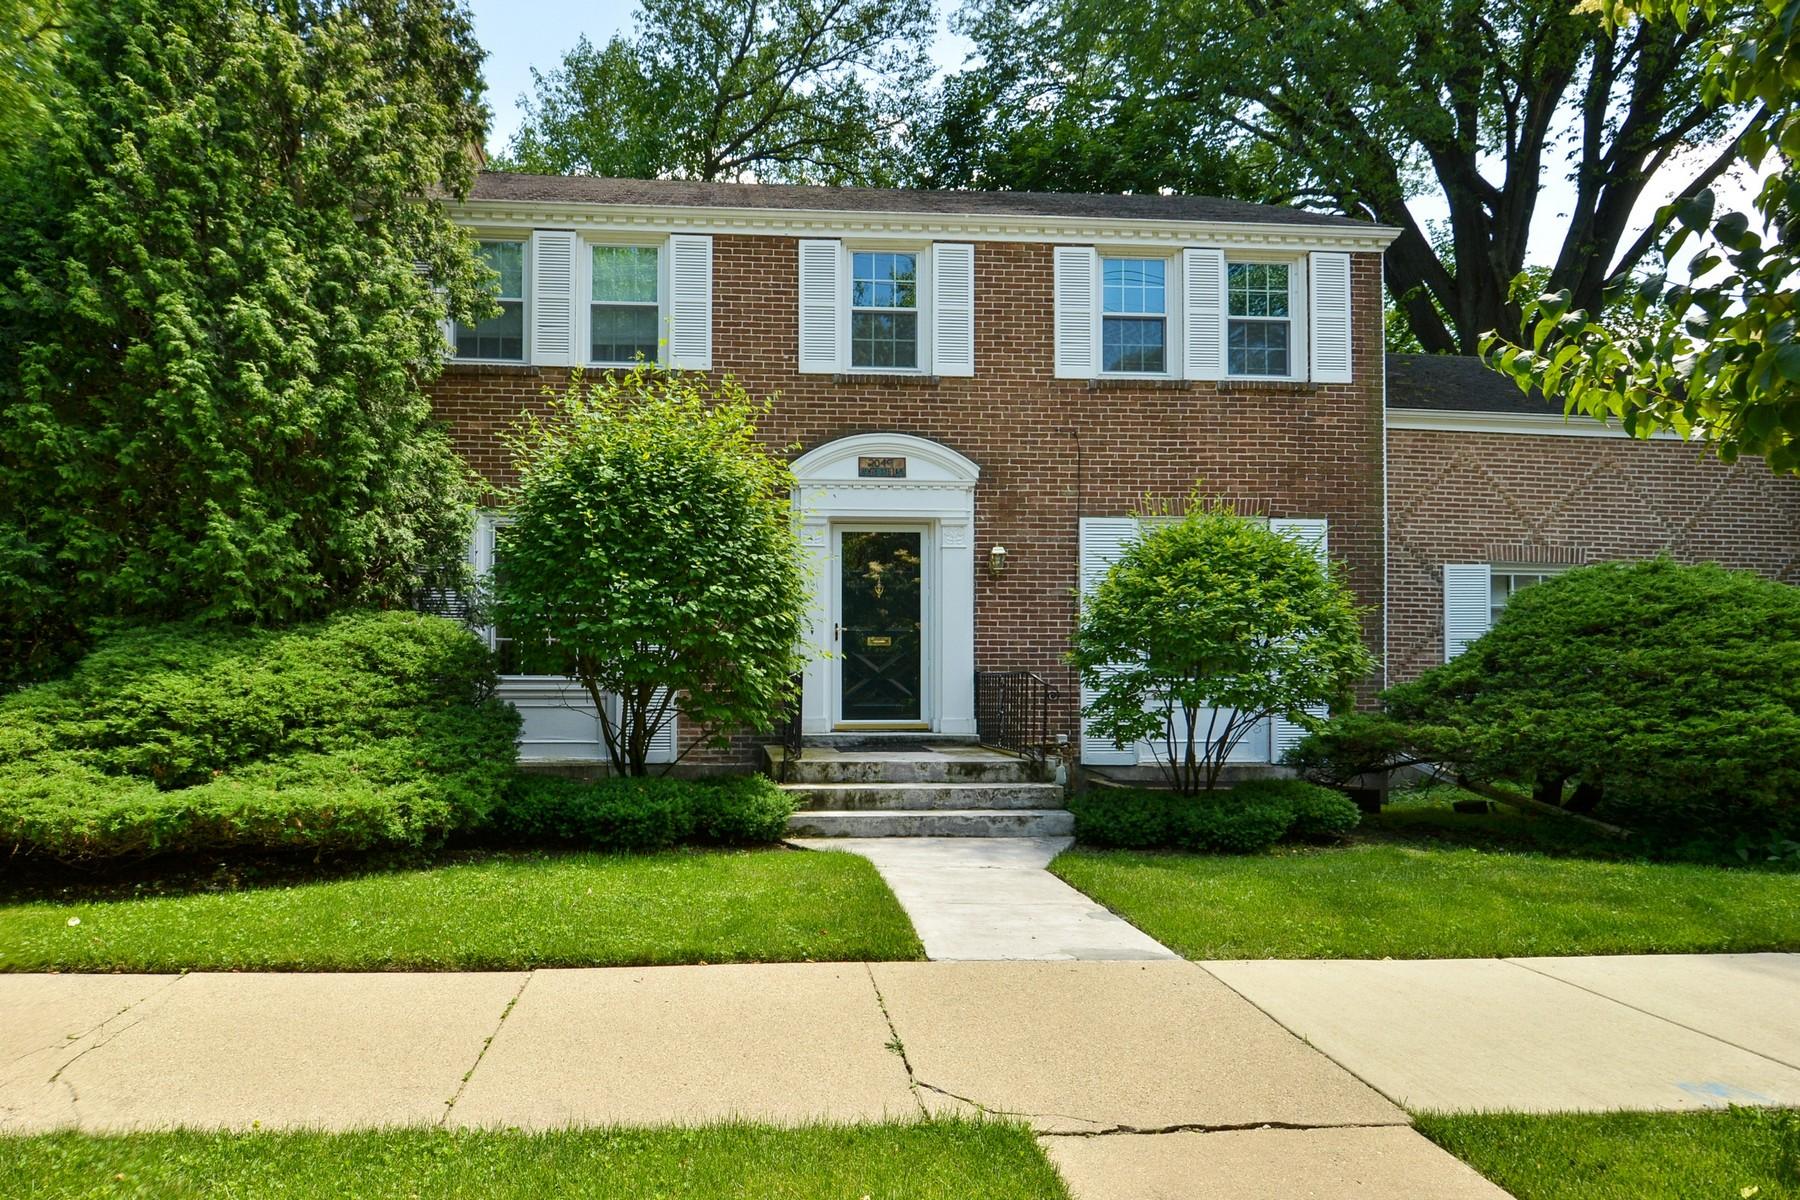 Casa Unifamiliar por un Venta en Custom Built Brick Colonial 2049 Hawthorne Lane Evanston, Illinois, 60201 Estados Unidos